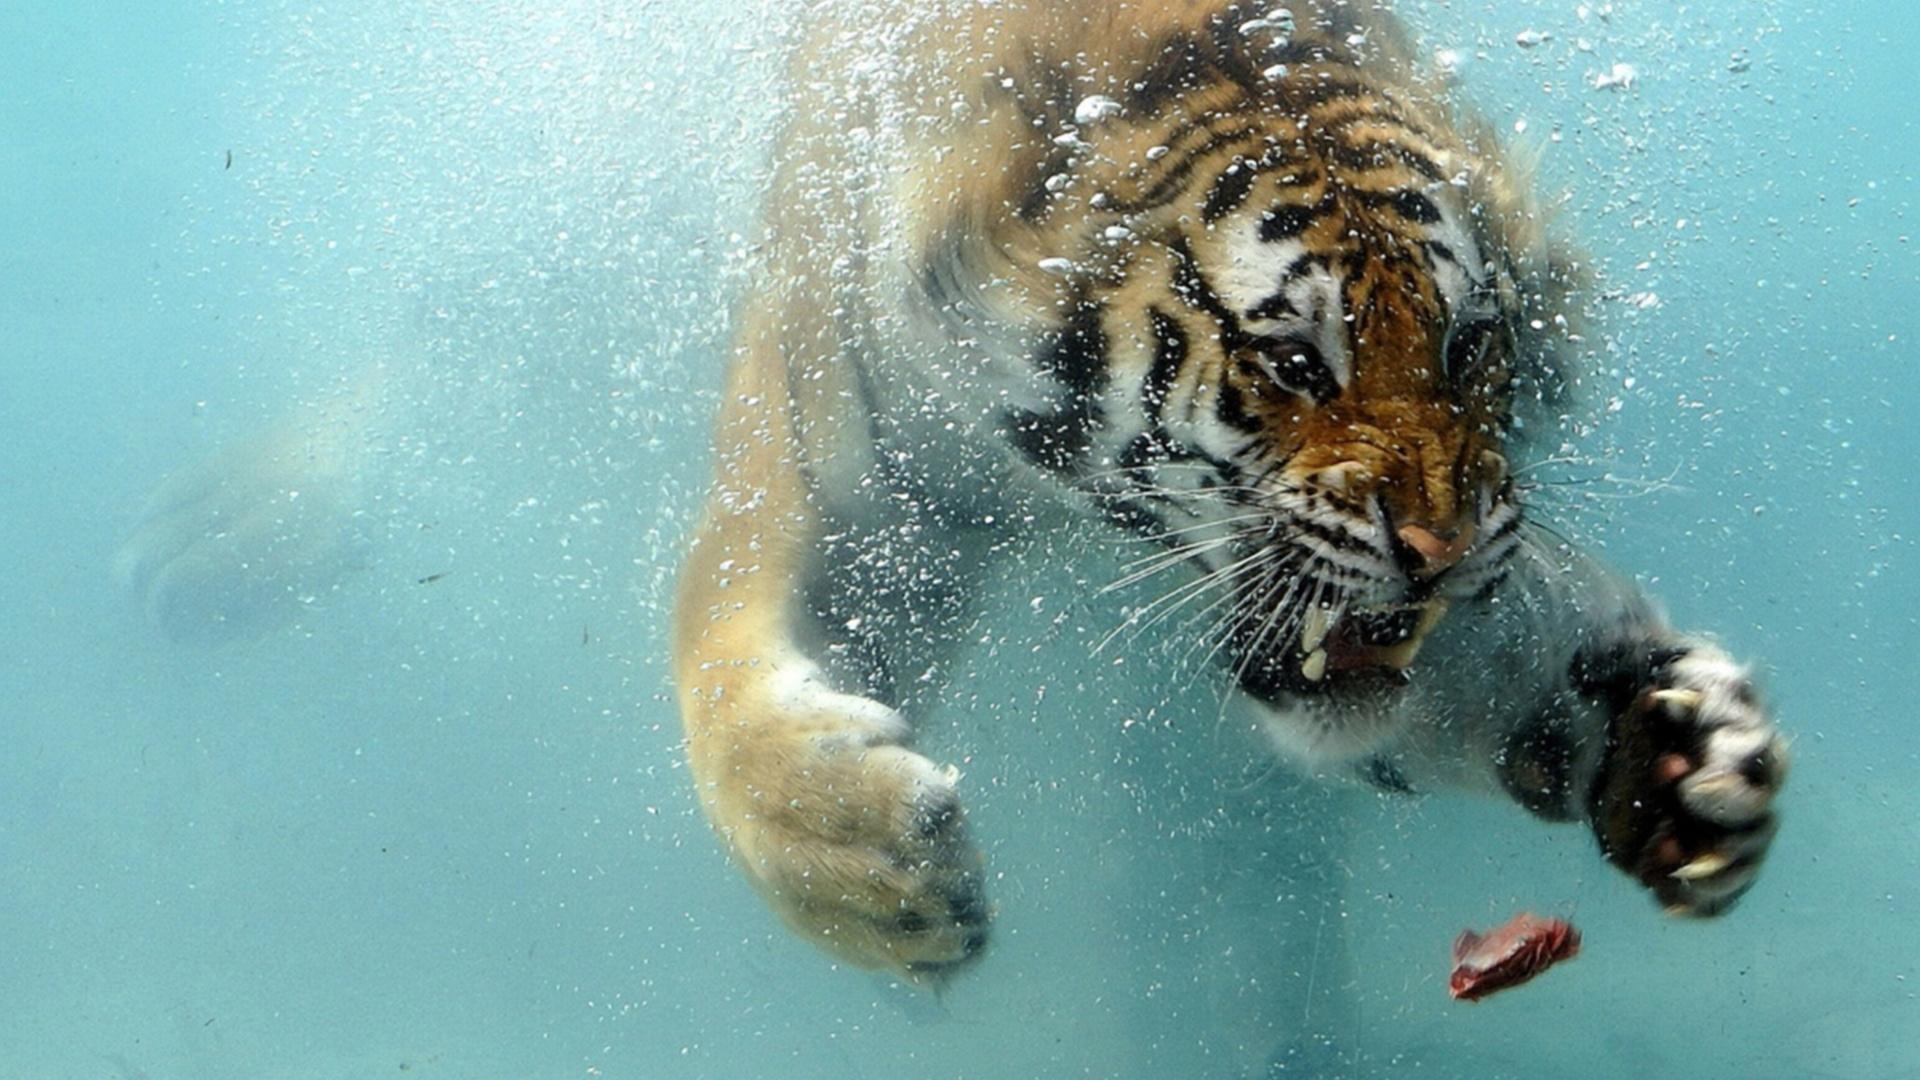 Tiger underwater